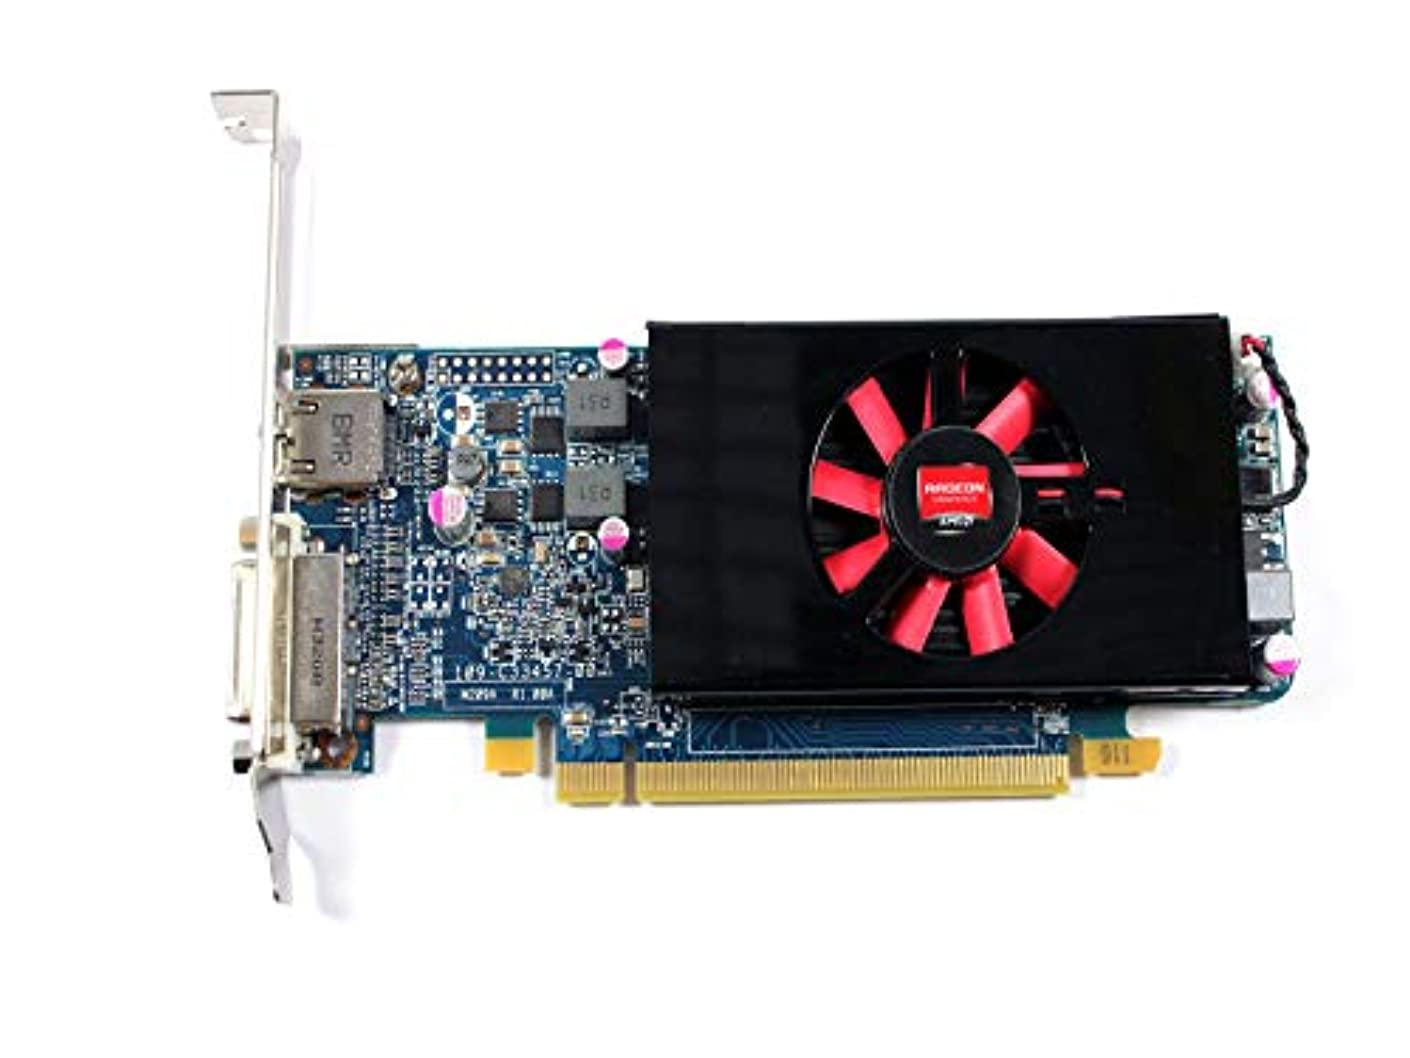 ジャングルラインナップいいねAMD Radeon HD 7570 1GB PCIe x16 HDMI DisplayPort Graphics Video Card Dell 51NCR